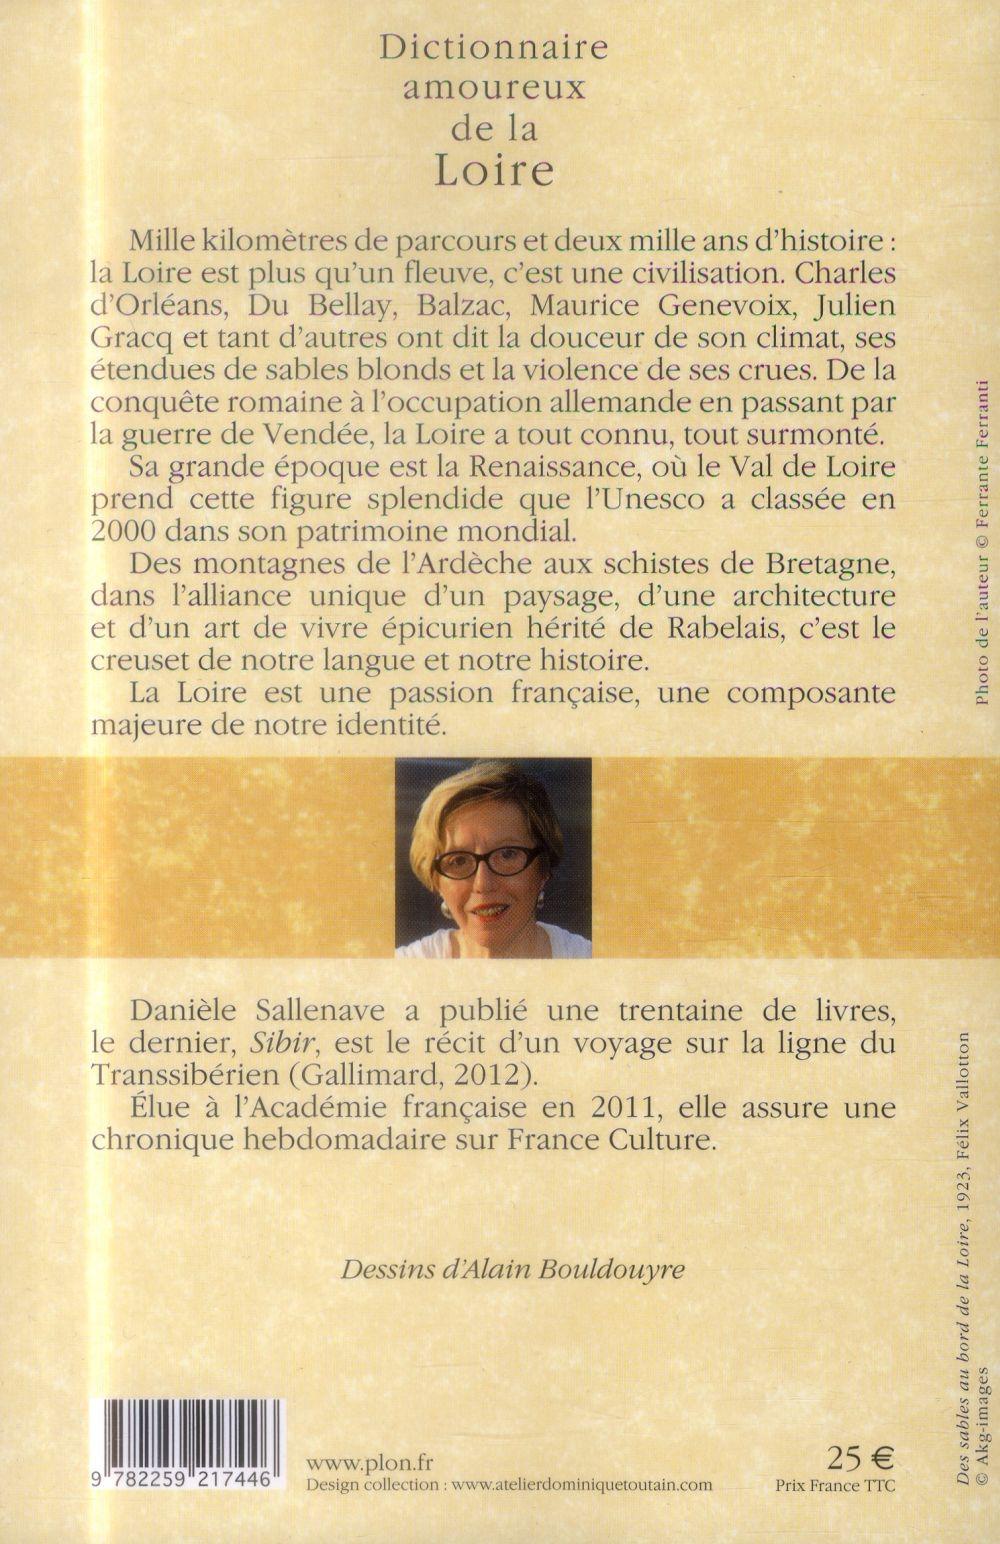 Dictionnaire amoureux ; de la Loire